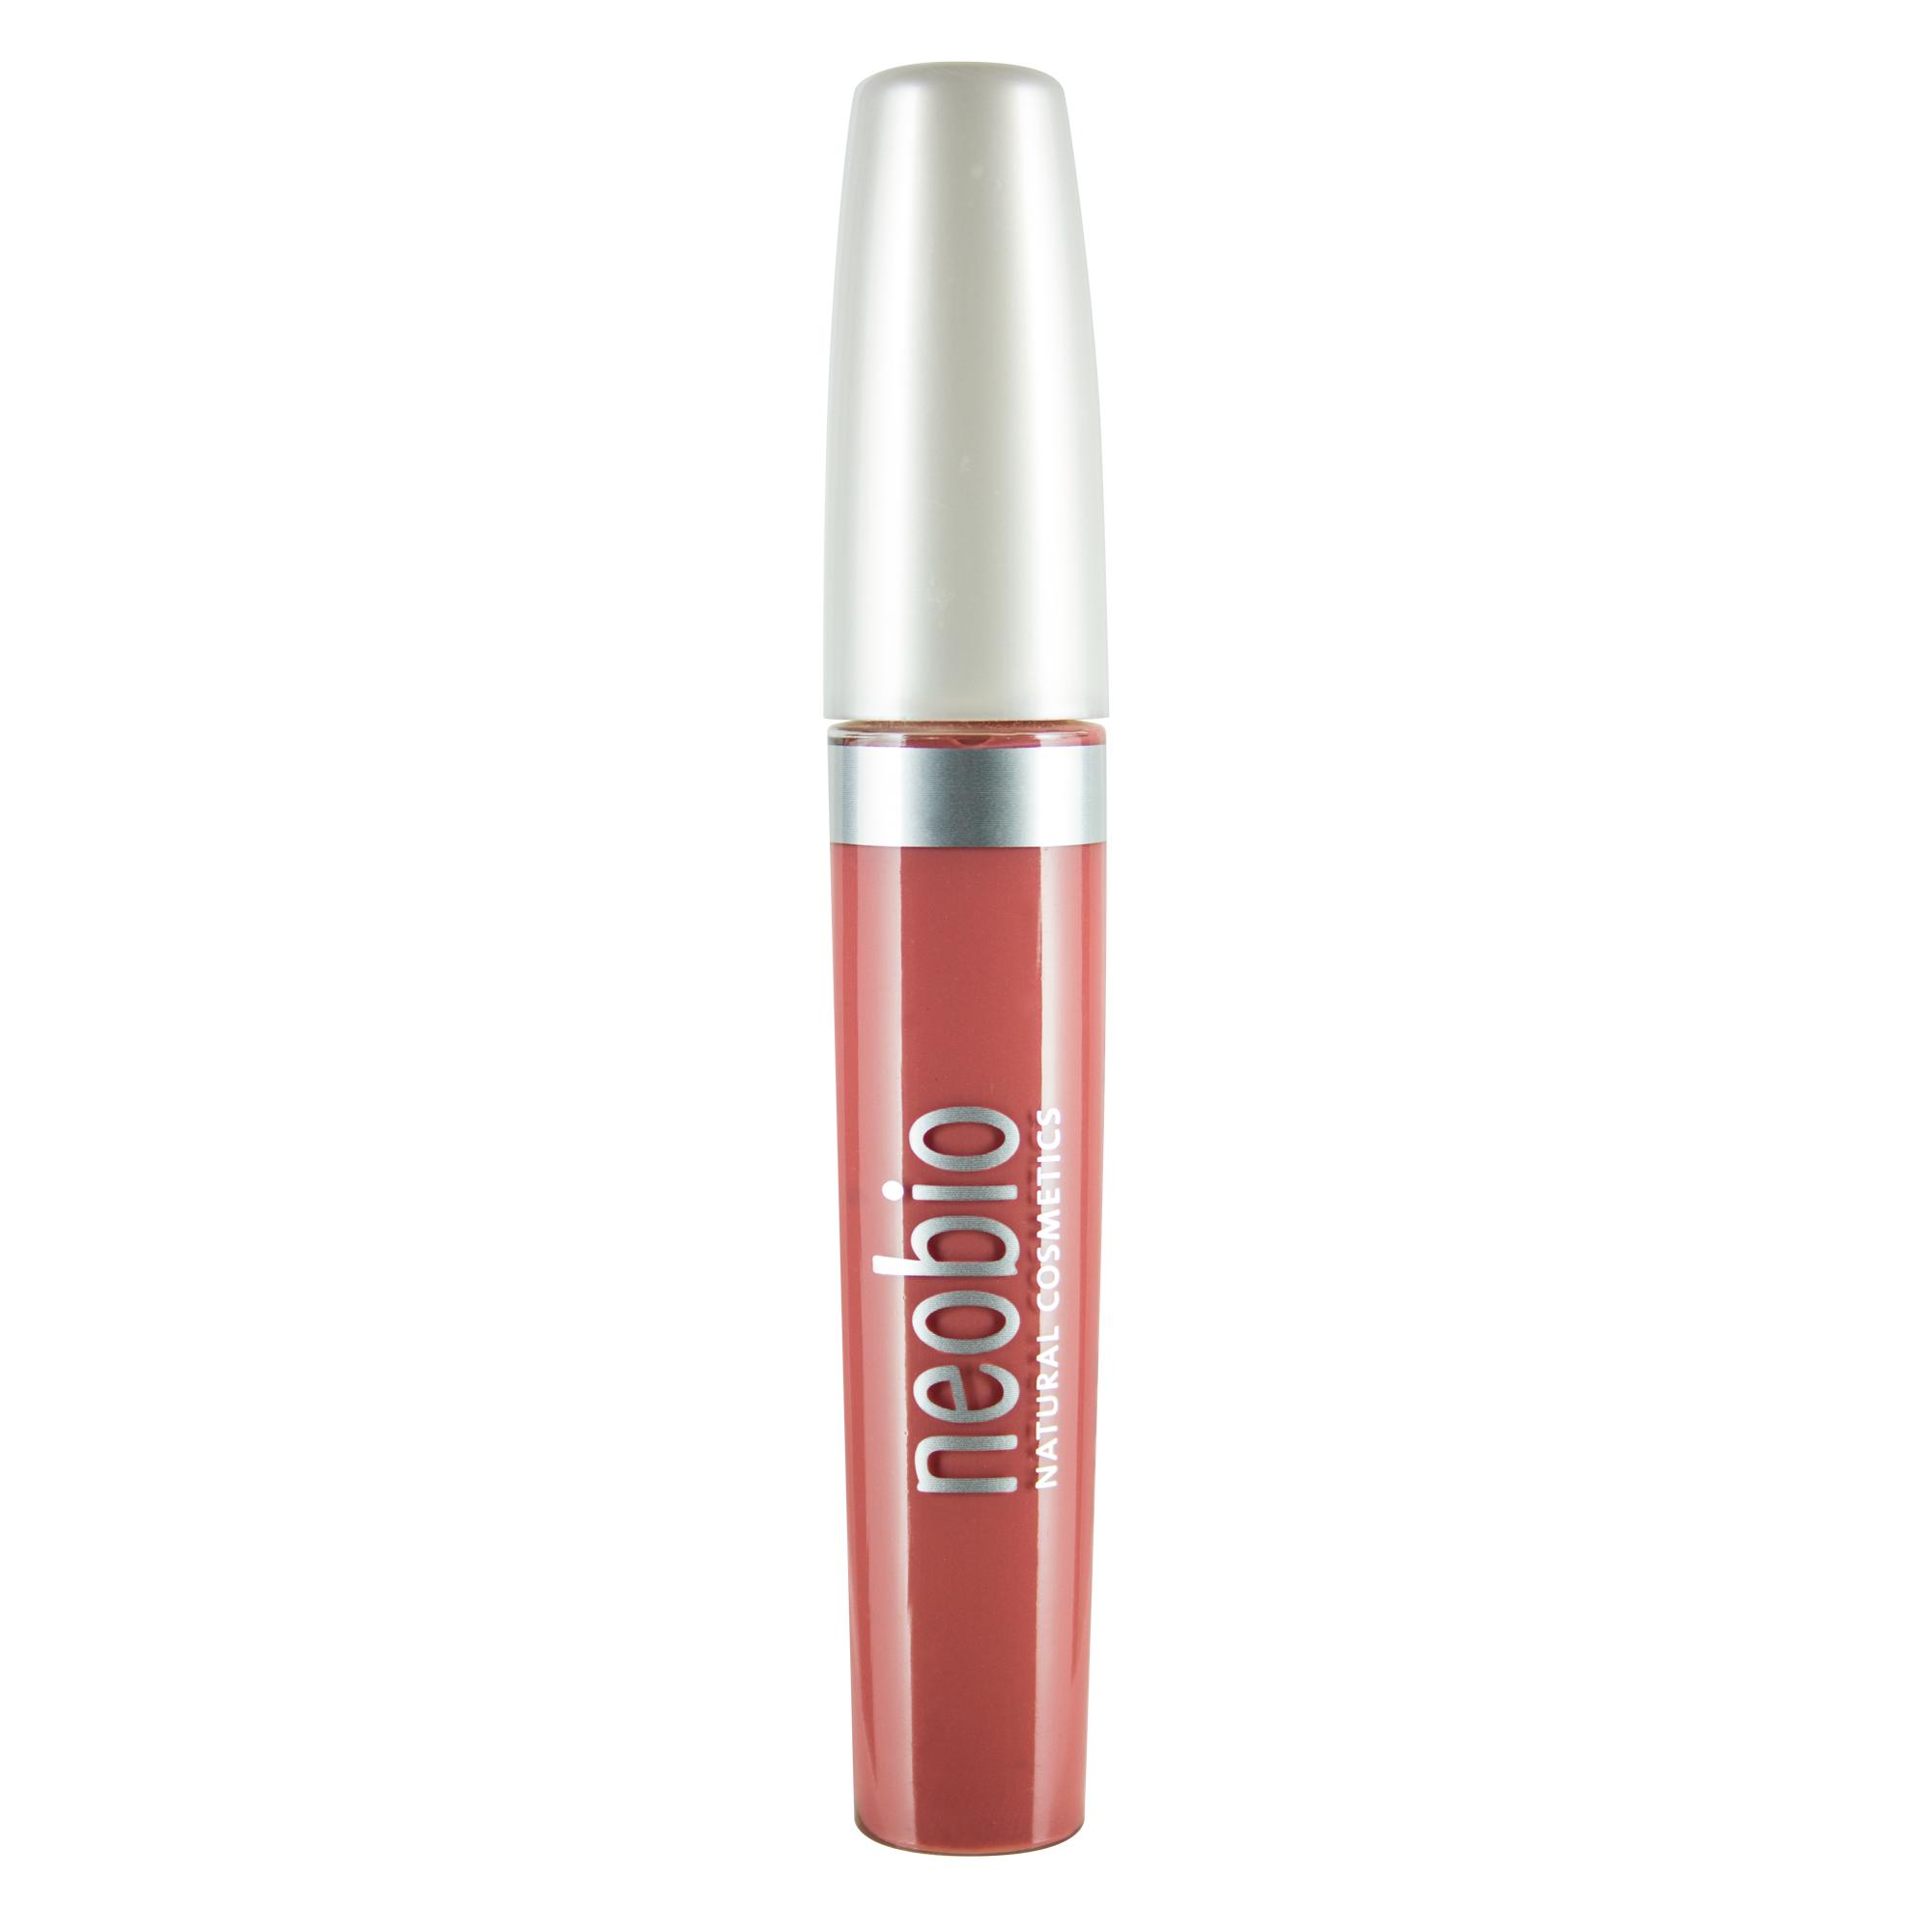 Neobio Care Блеск для губ 01 натурально- розовый